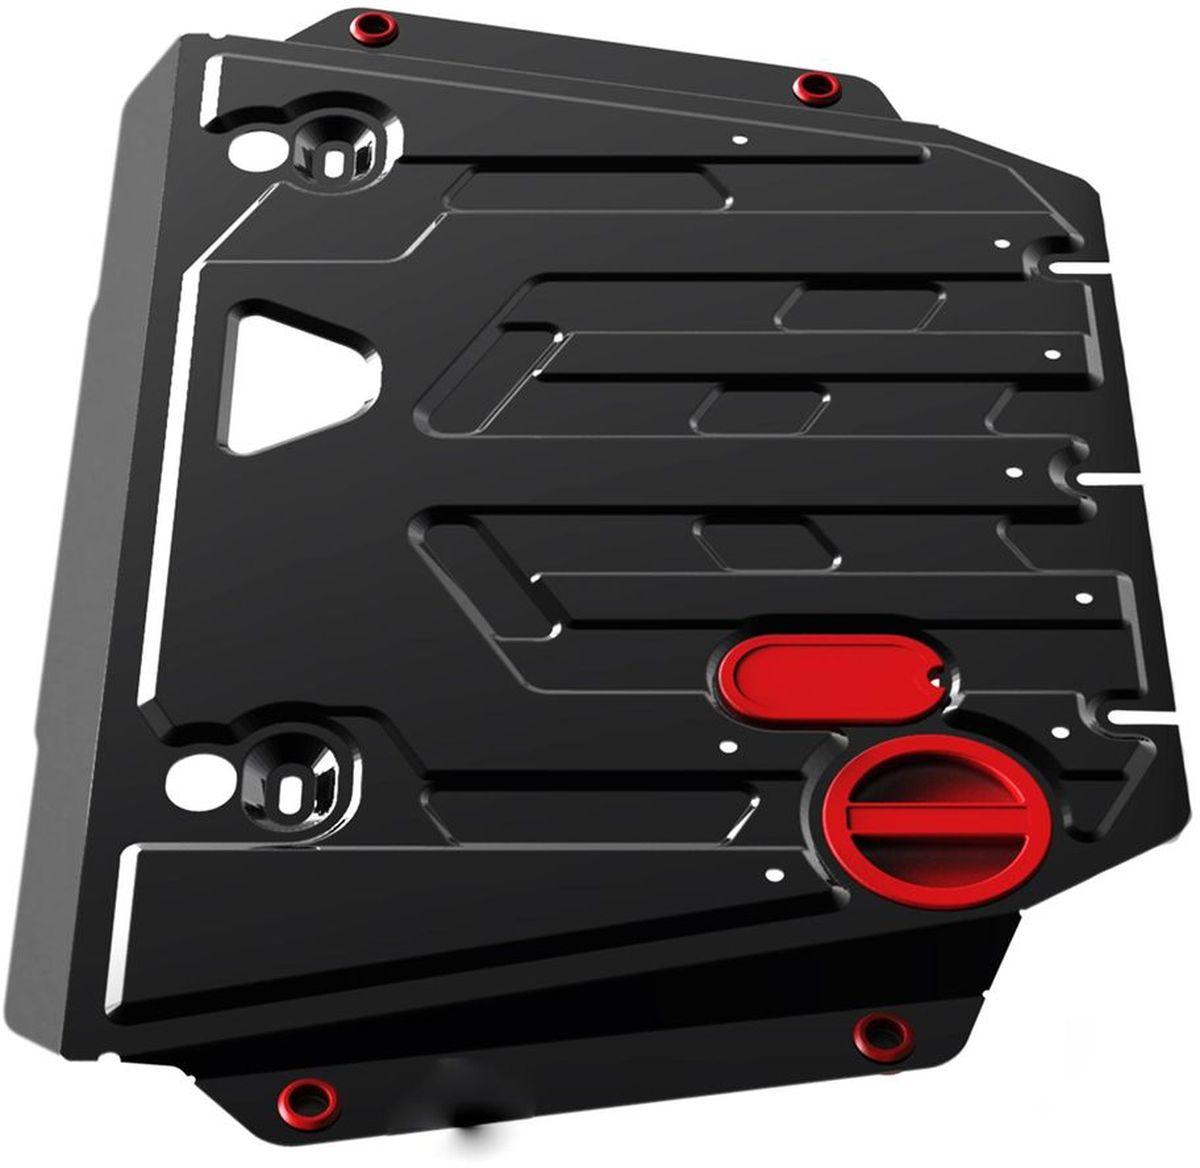 Защита картера и КПП Автоброня, для Fiat 500 V - 1,2; 1,4 (2009-)1004900000360Технологически совершенный продукт за невысокую стоимость.Защита разработана с учетом особенностей днища автомобиля, что позволяет сохранить дорожный просвет с минимальным изменением.Защита устанавливается в штатные места кузова автомобиля. Глубокий штамп обеспечивает до двух раз больше жесткости в сравнении с обычной защитой той же толщины. Проштампованные ребра жесткости препятствуют деформации защиты при ударах.Тепловой зазор и вентиляционные отверстия обеспечивают сохранение температурного режима двигателя в норме. Скрытый крепеж предотвращает срыв крепежных элементов при наезде на препятствие.Шумопоглощающие резиновые элементы обеспечивают комфортную езду без вибраций и скрежета металла, а съемные лючки для слива масла и замены фильтра - экономию средств и время.Конструкция изделия не влияет на пассивную безопасность автомобиля (при ударе защита не воздействует на деформационные зоны кузова). Со штатным крепежом. В комплекте инструкция по установке.Толщина стали: 2 мм.Уважаемые клиенты!Обращаем ваше внимание, что элемент защиты имеет форму, соответствующую модели данного автомобиля. Фото служит для визуального восприятия товара и может отличаться от фактического.